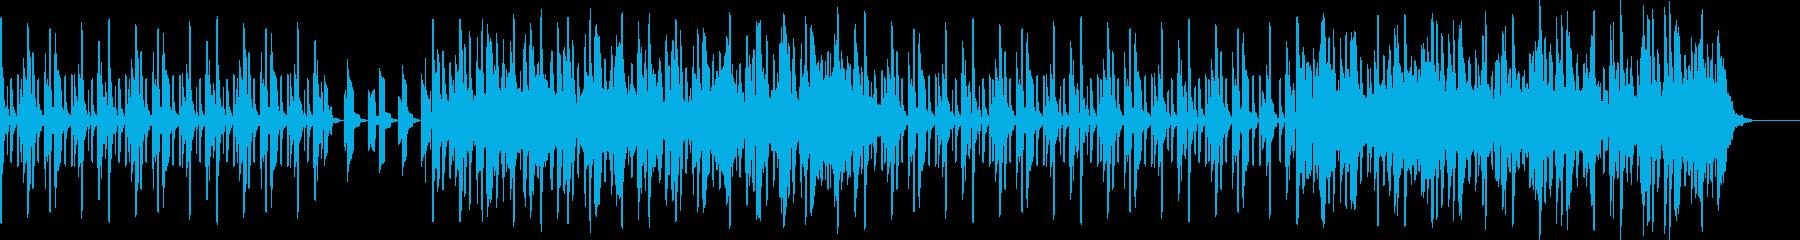 ドラマチックな展開のあるエレクトロ曲の再生済みの波形